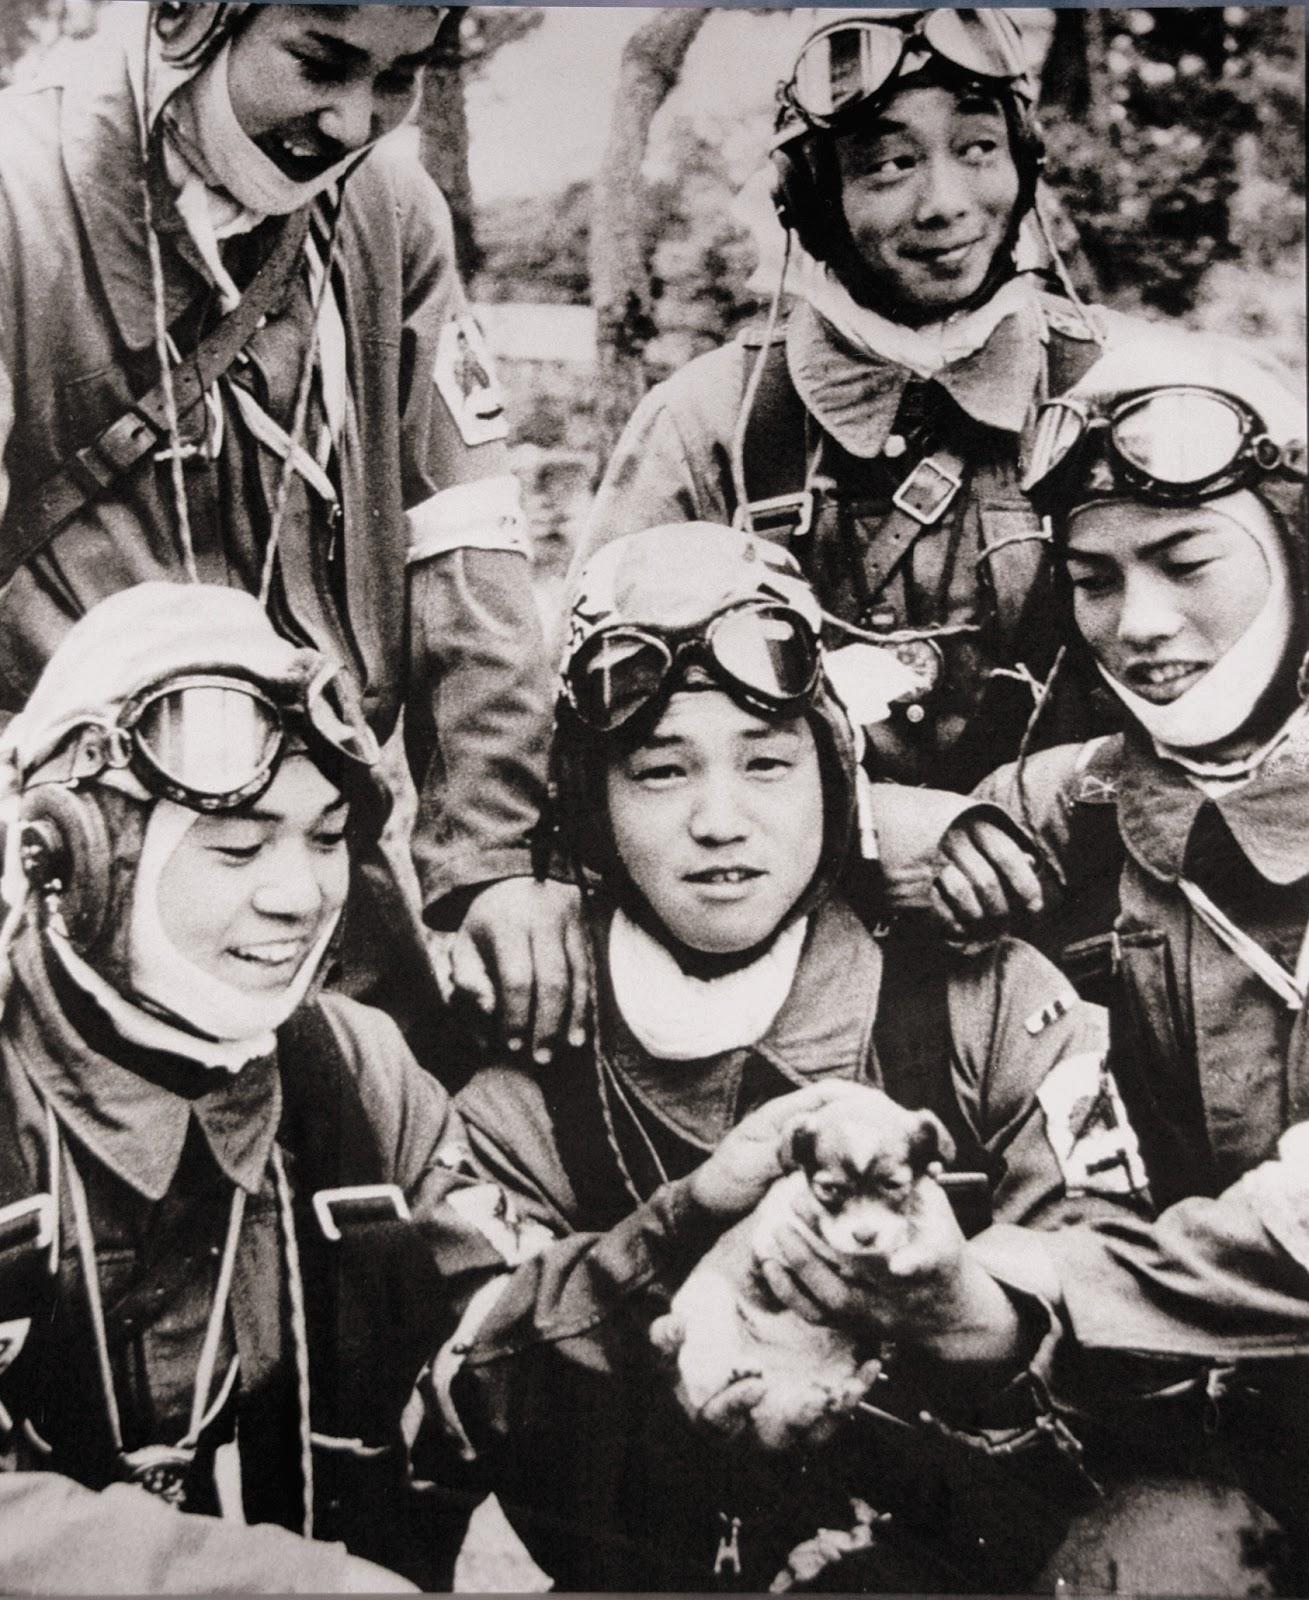 第72振武隊の笑顔の五人の少年兵